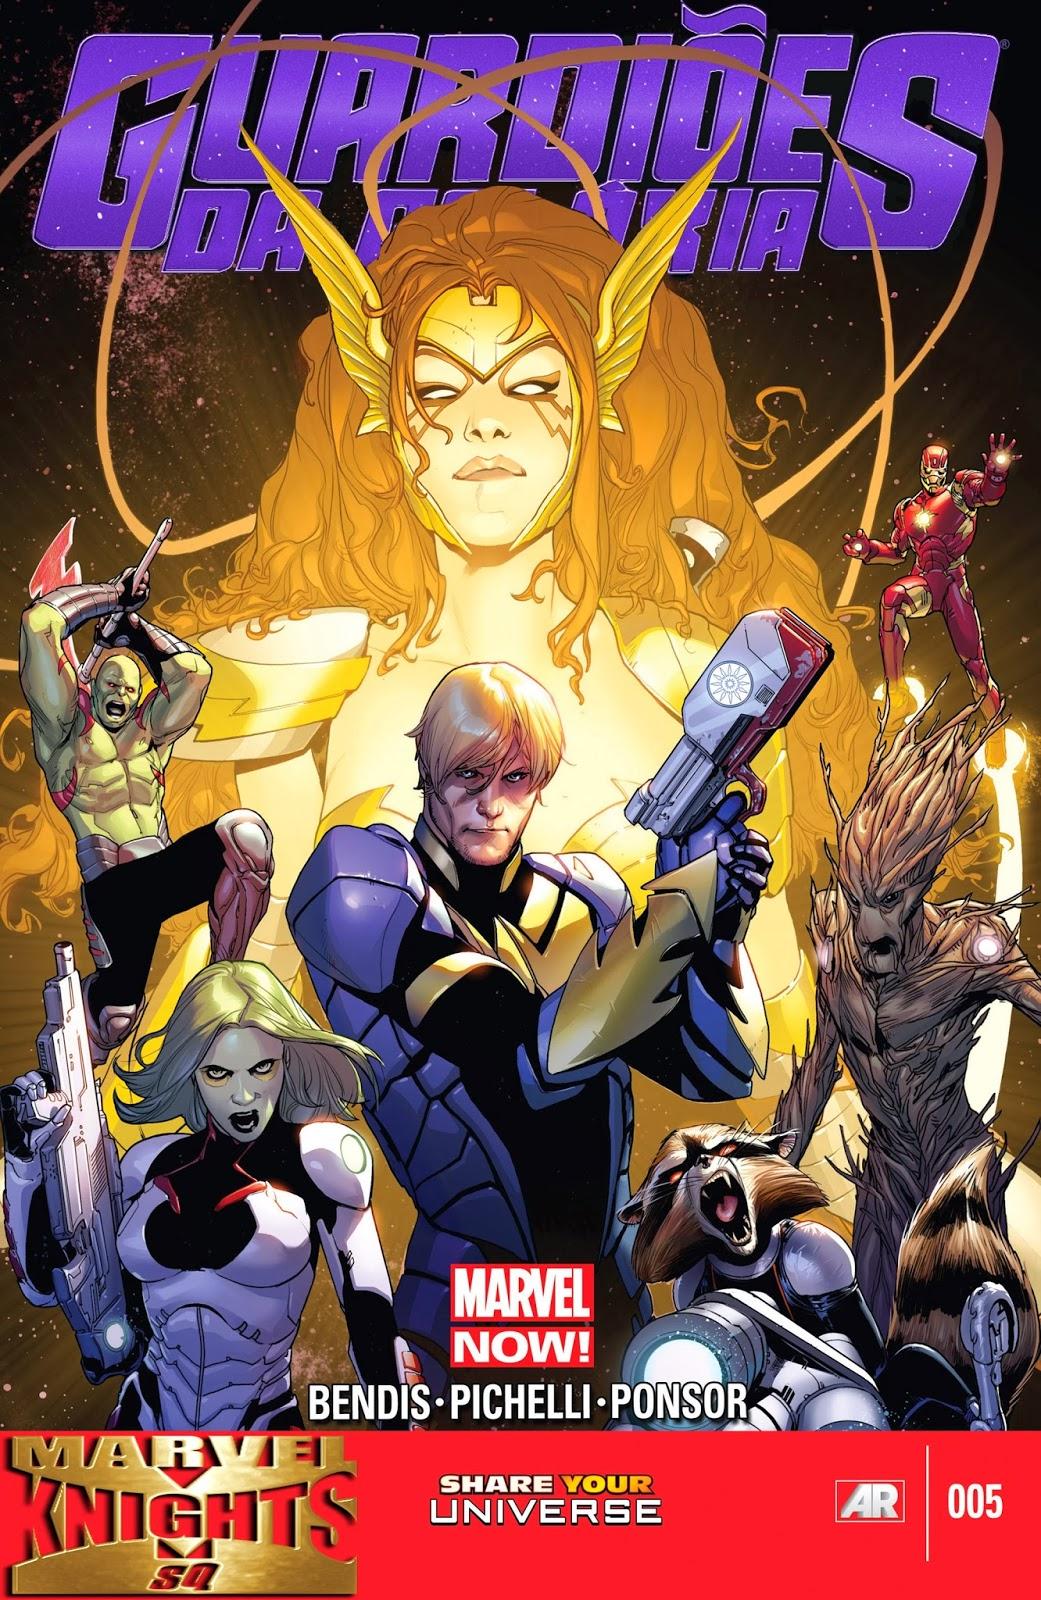 Nova Marvel! Guardiões da Galáxia #5